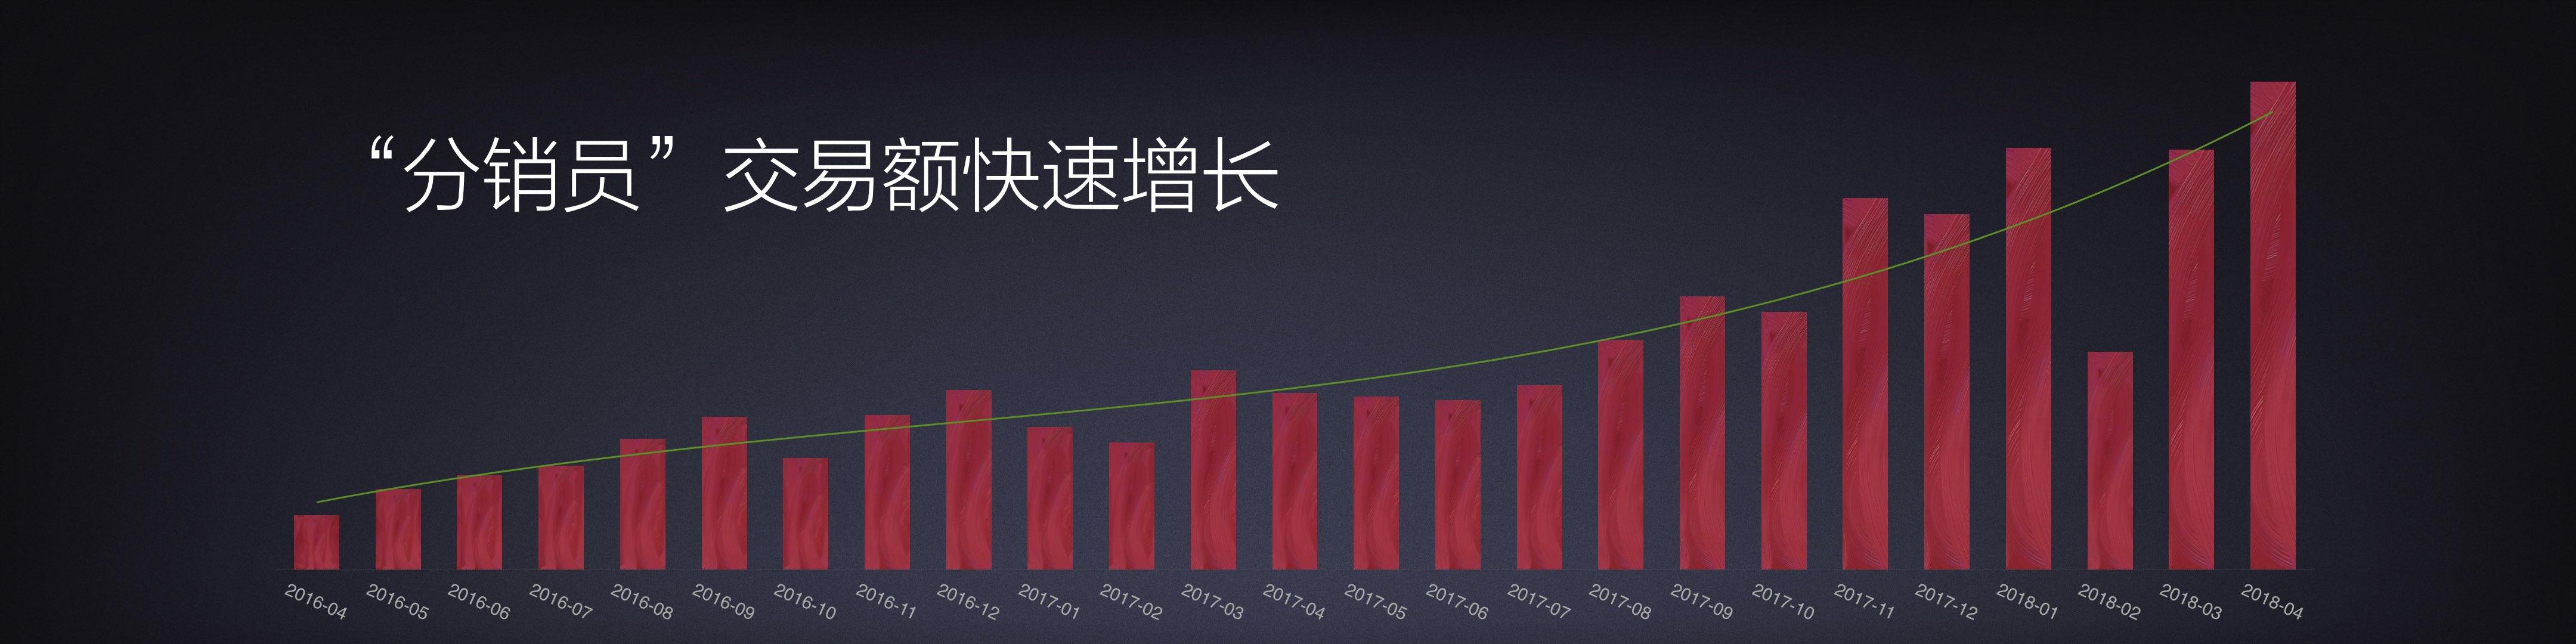 2018有赞春季沙龙-公开版.026.jpeg